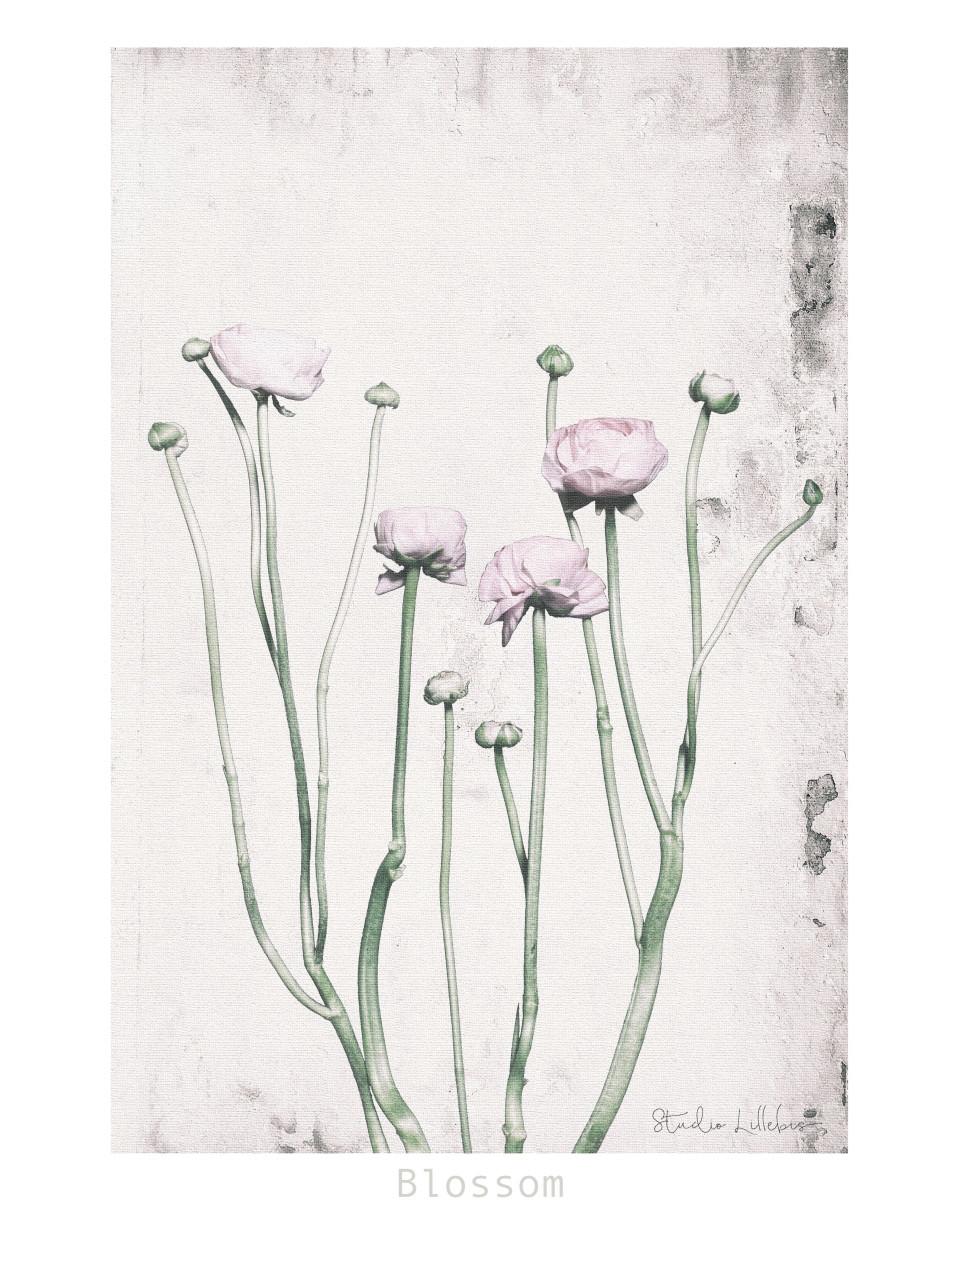 Blossom-30x40